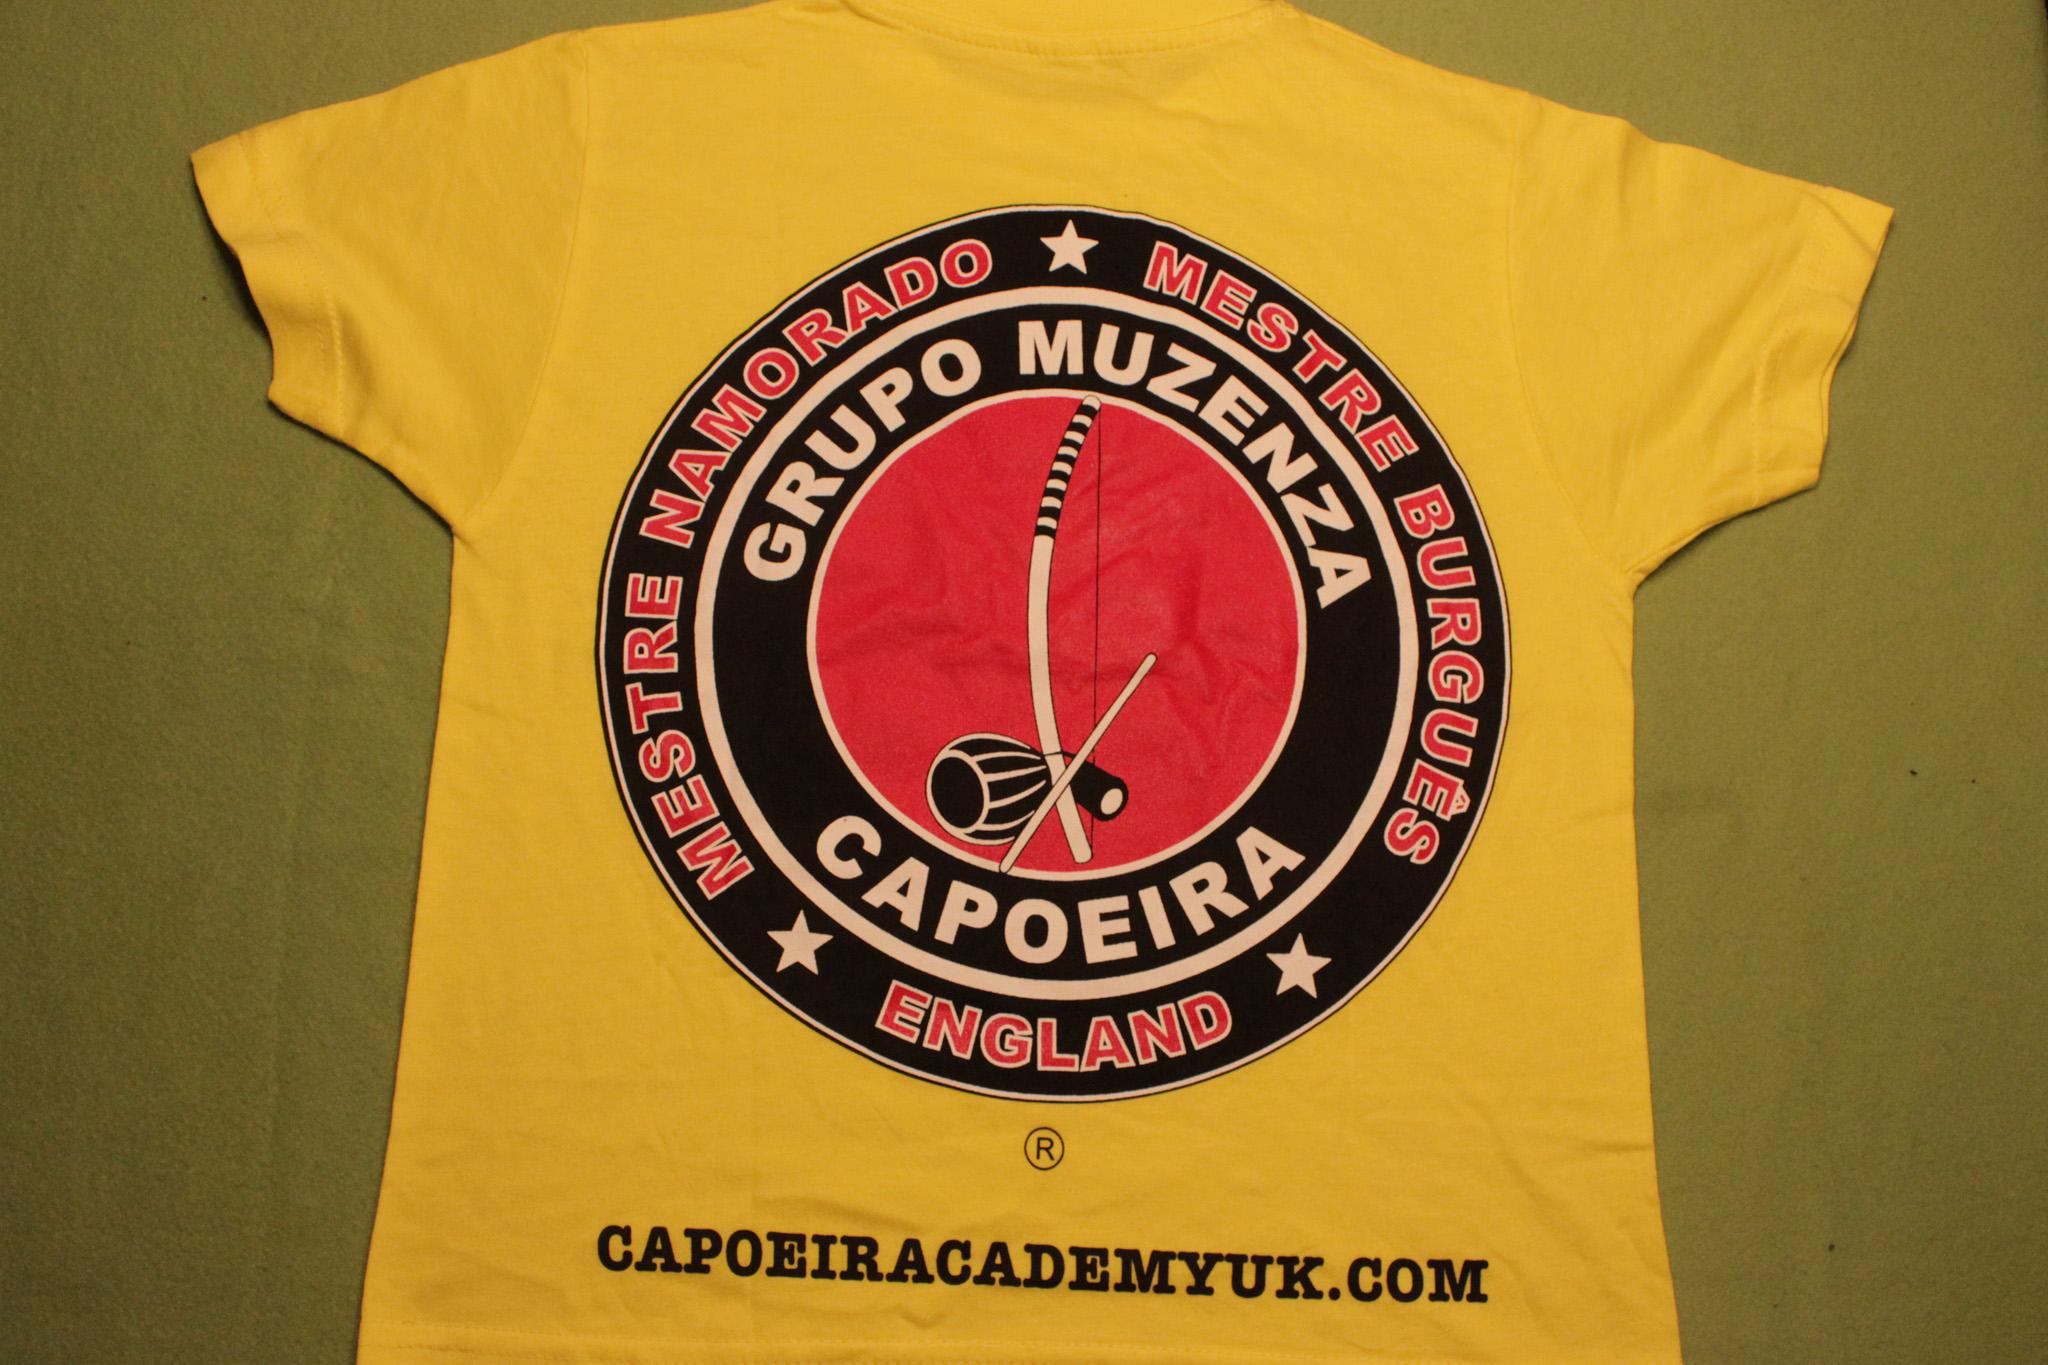 Capoeira_kids_tshirts